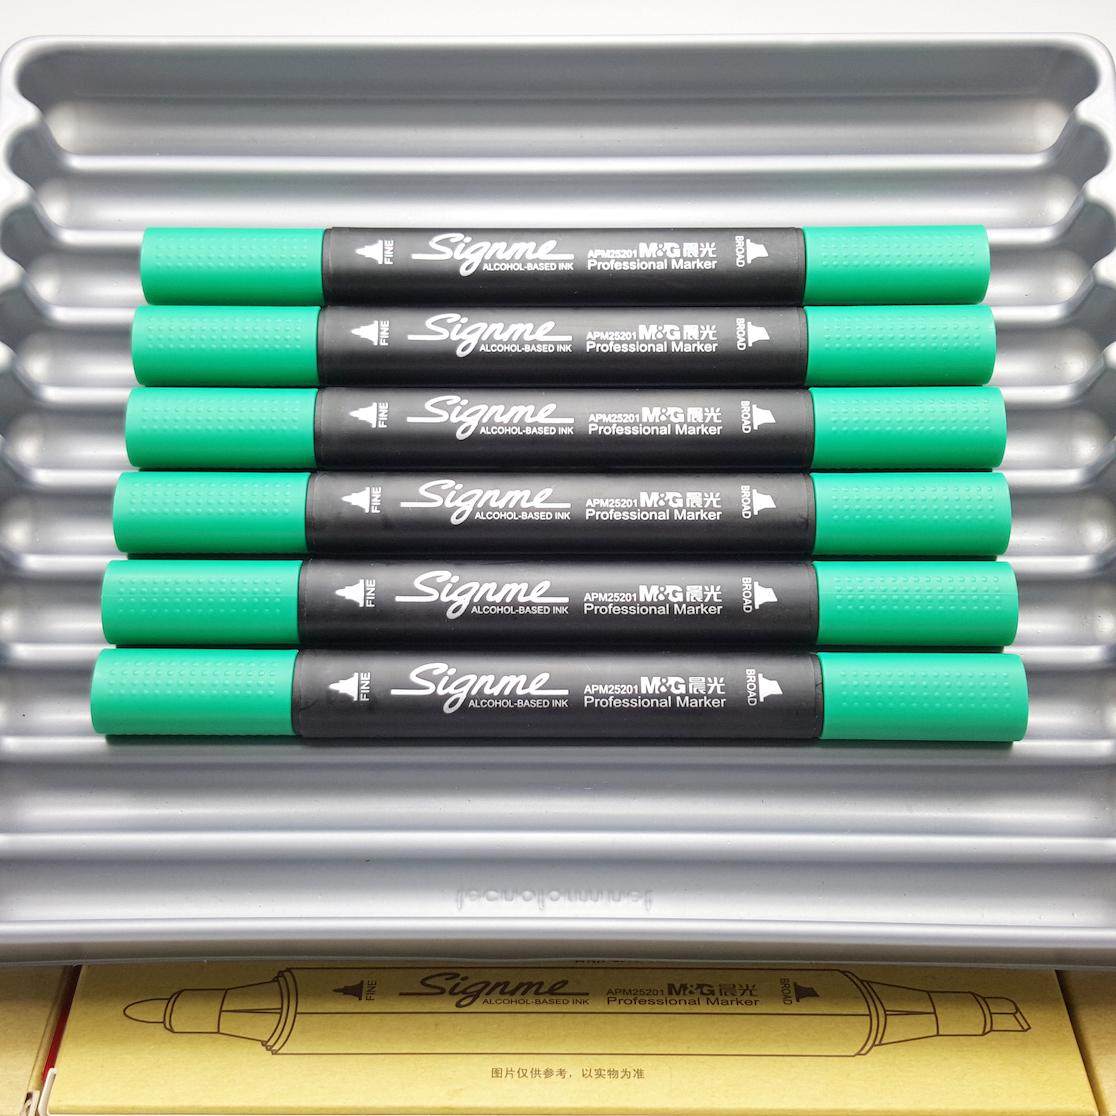 ปากกามาร์คเกอร์ไซน์มิ Signme Professional Marker - #055